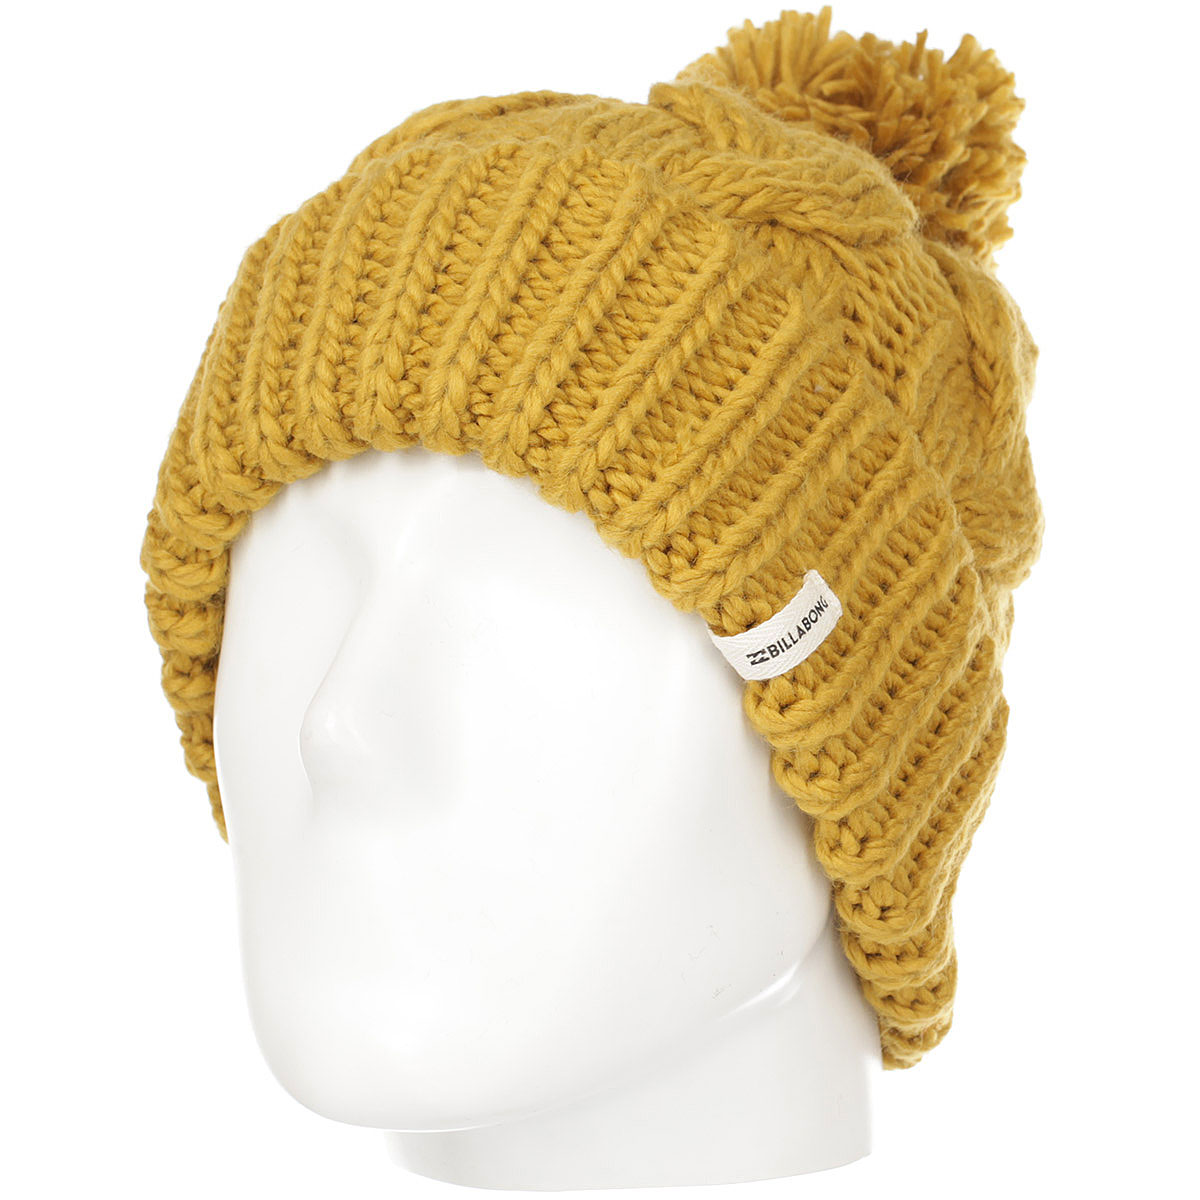 8058c1e1565 Купить шапку женскую Billabong Styx Split Pea в интернет-магазине ...